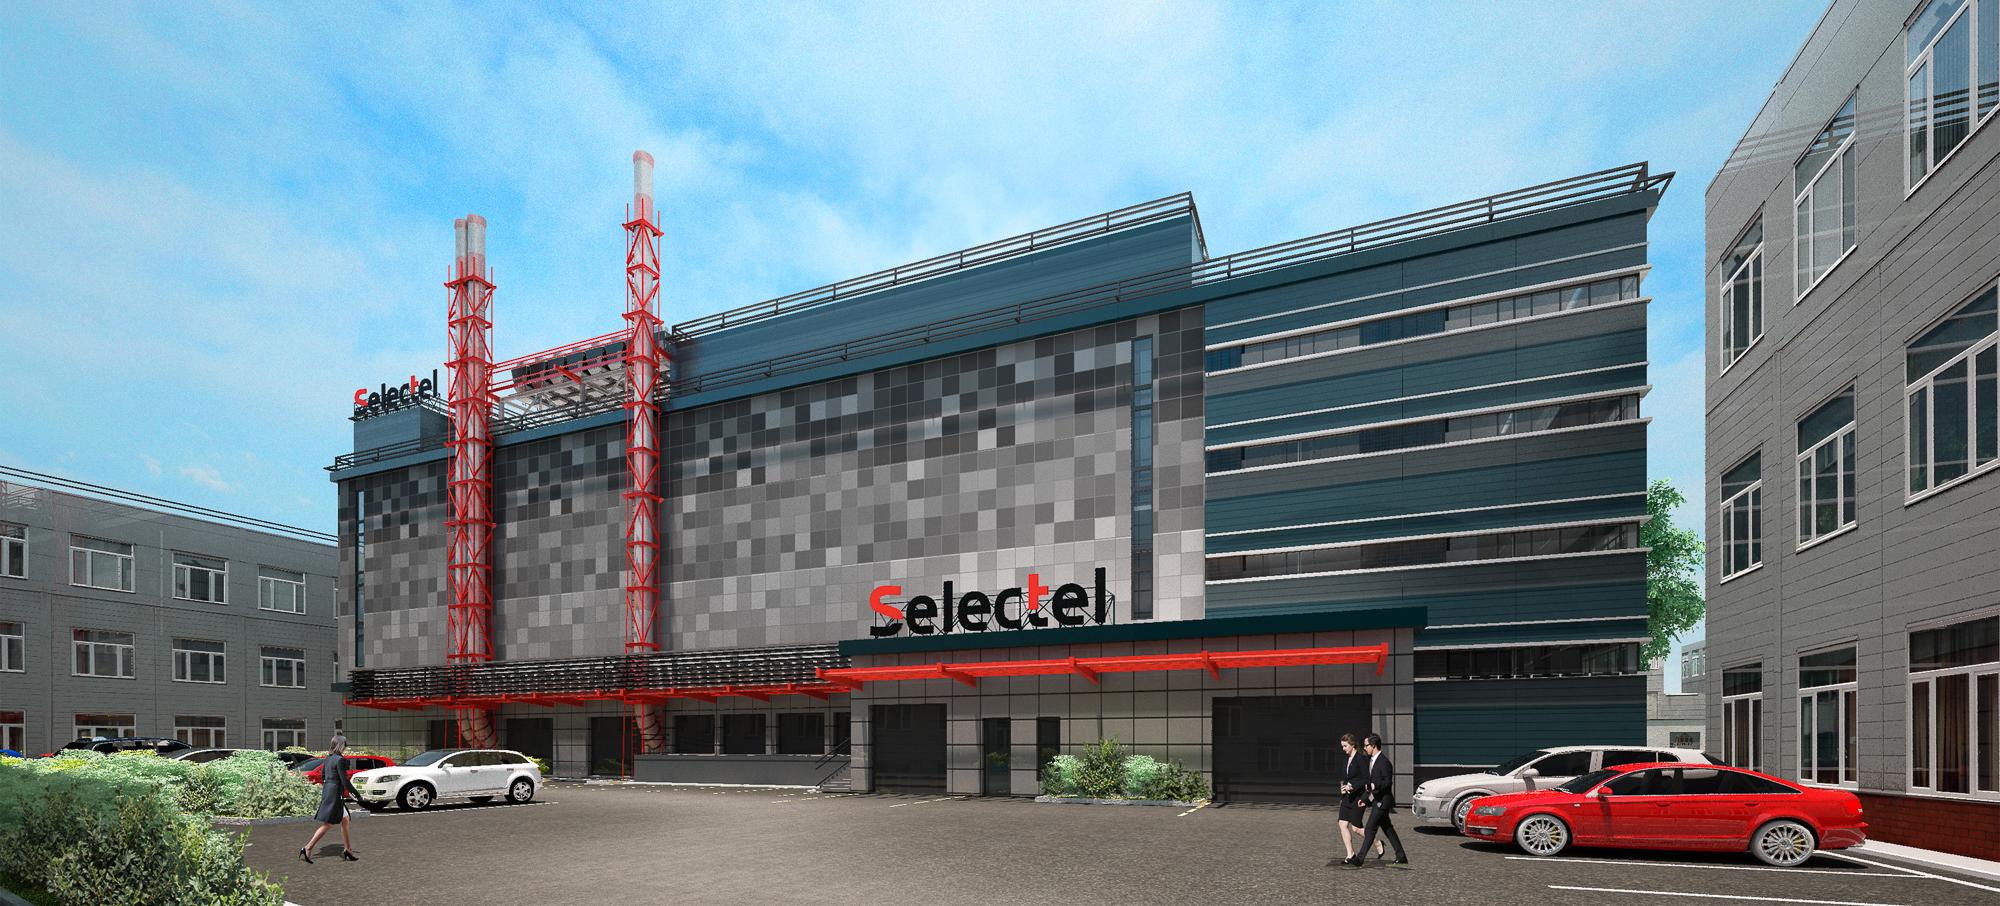 Дата-центр Selectel Москва